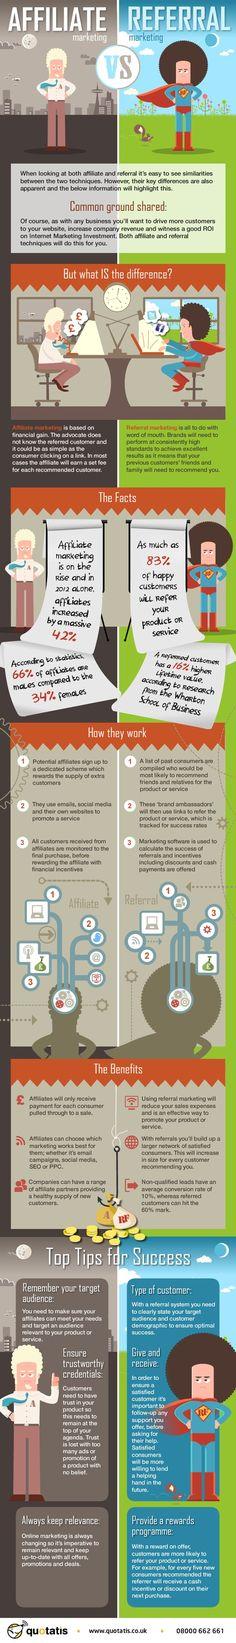 Affiliate marketimg vs Referral marketing #infografia #infographic